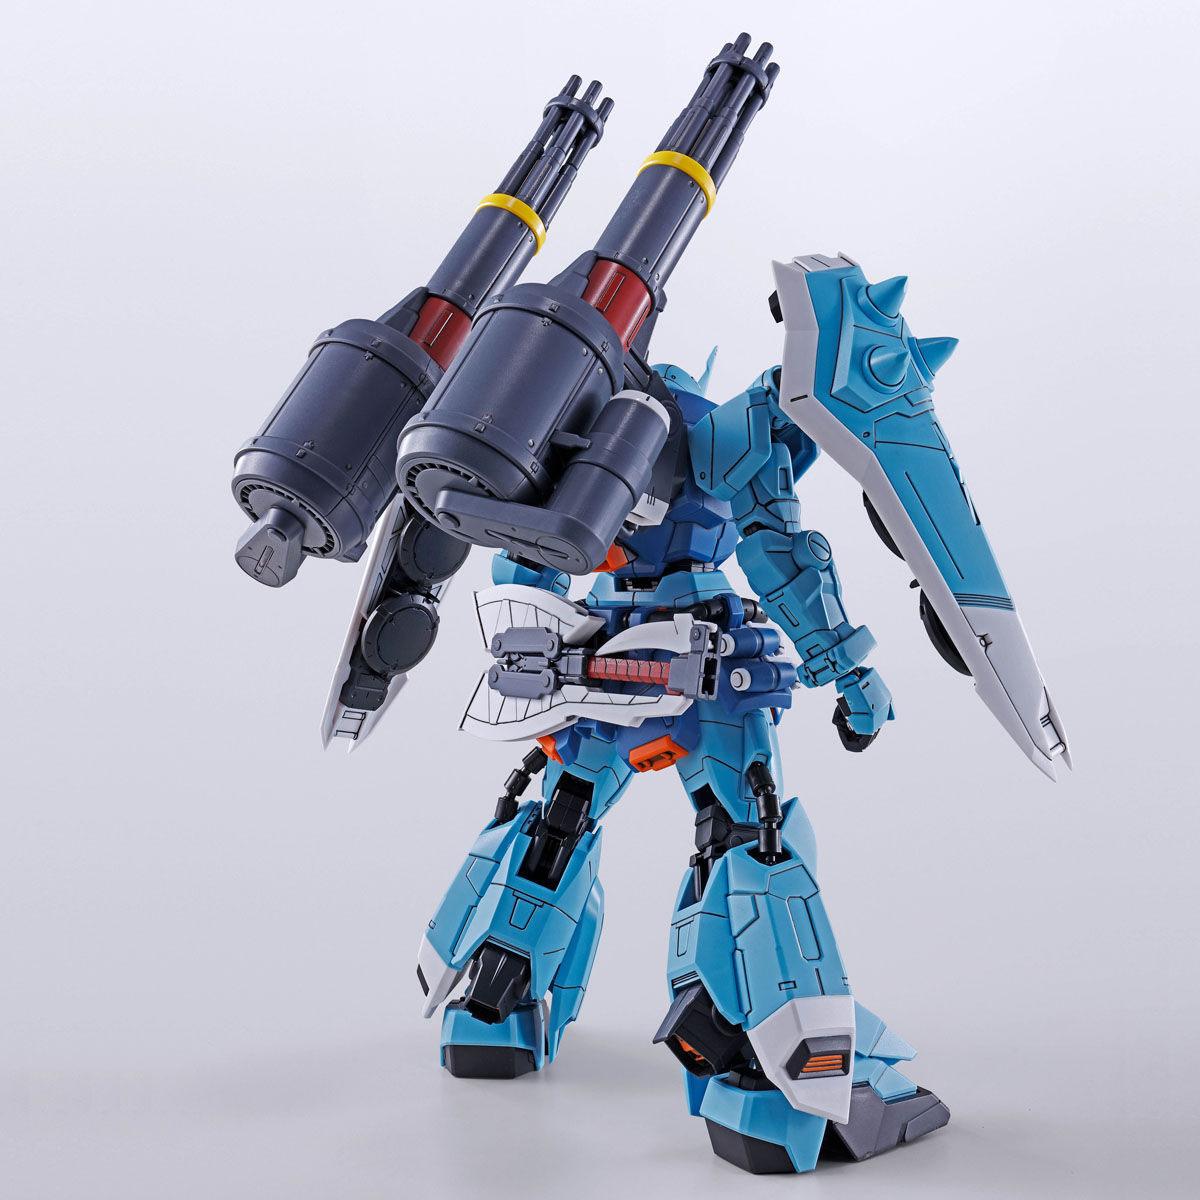 【限定販売】MG 1/100『スラッシュザクファントム(イザーク・ジュール専用機)』プラモデル-003